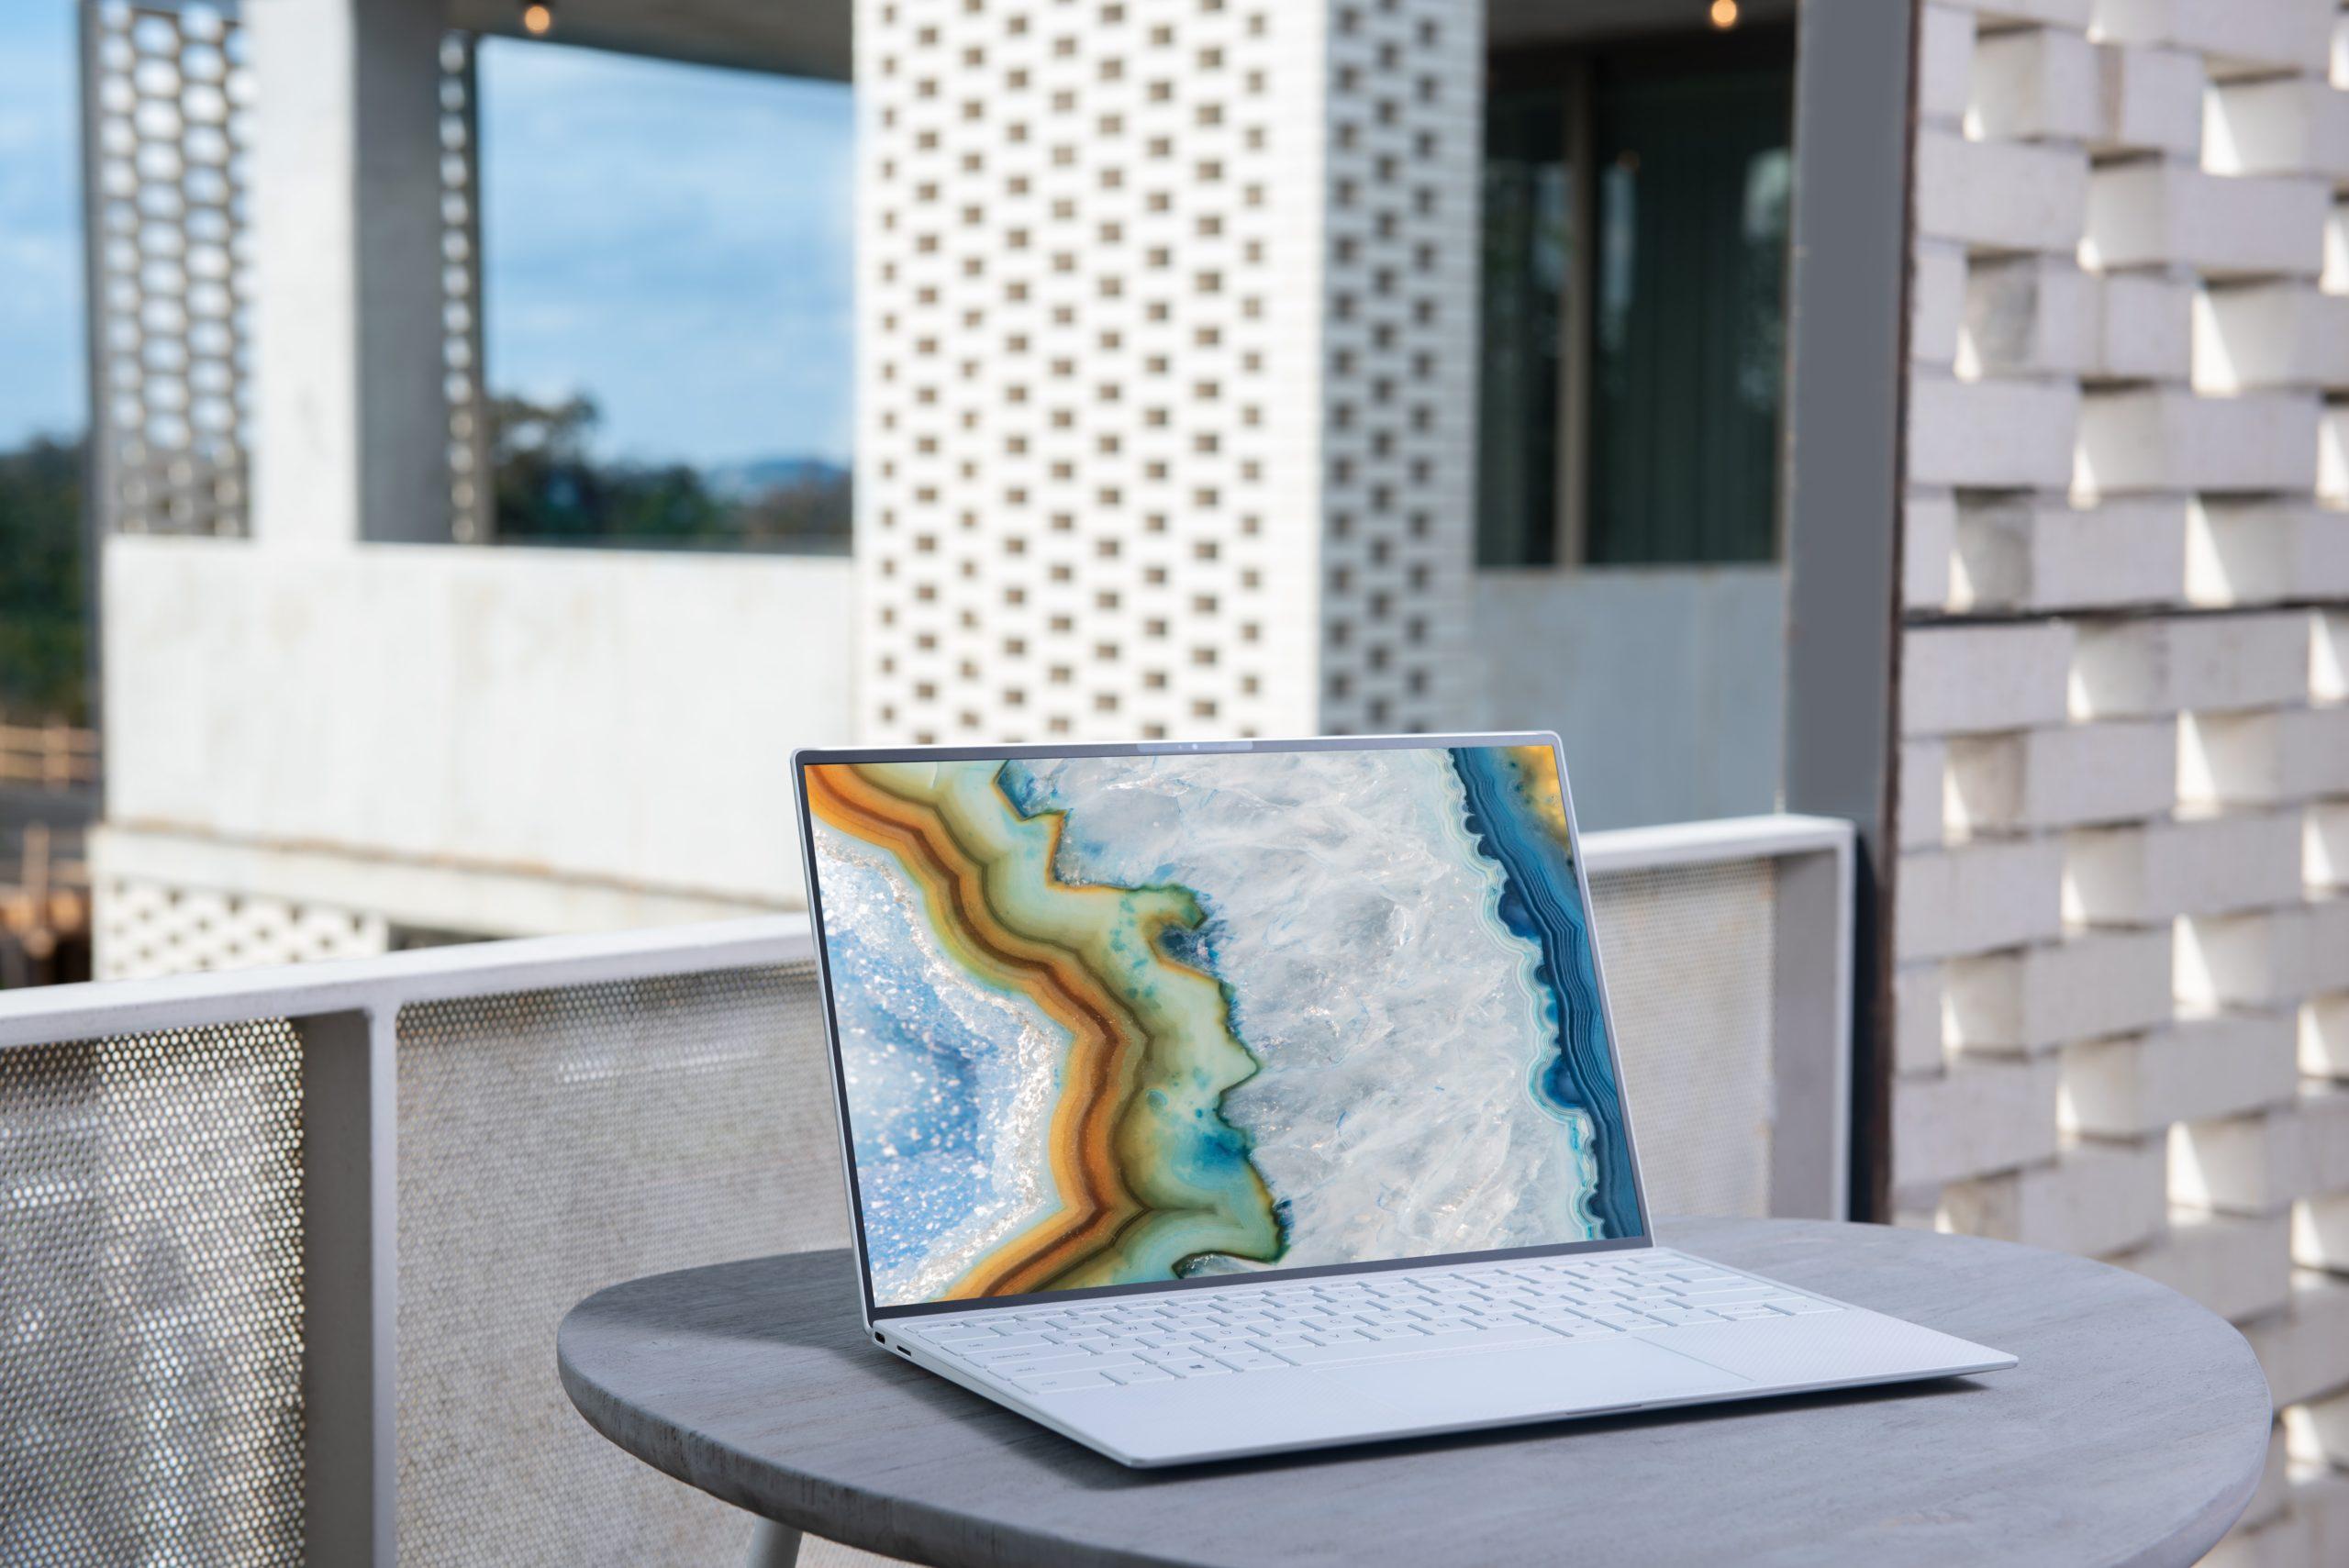 Jaki laptop wybrać w 2021 roku? Nowe produkty i rekomendacje